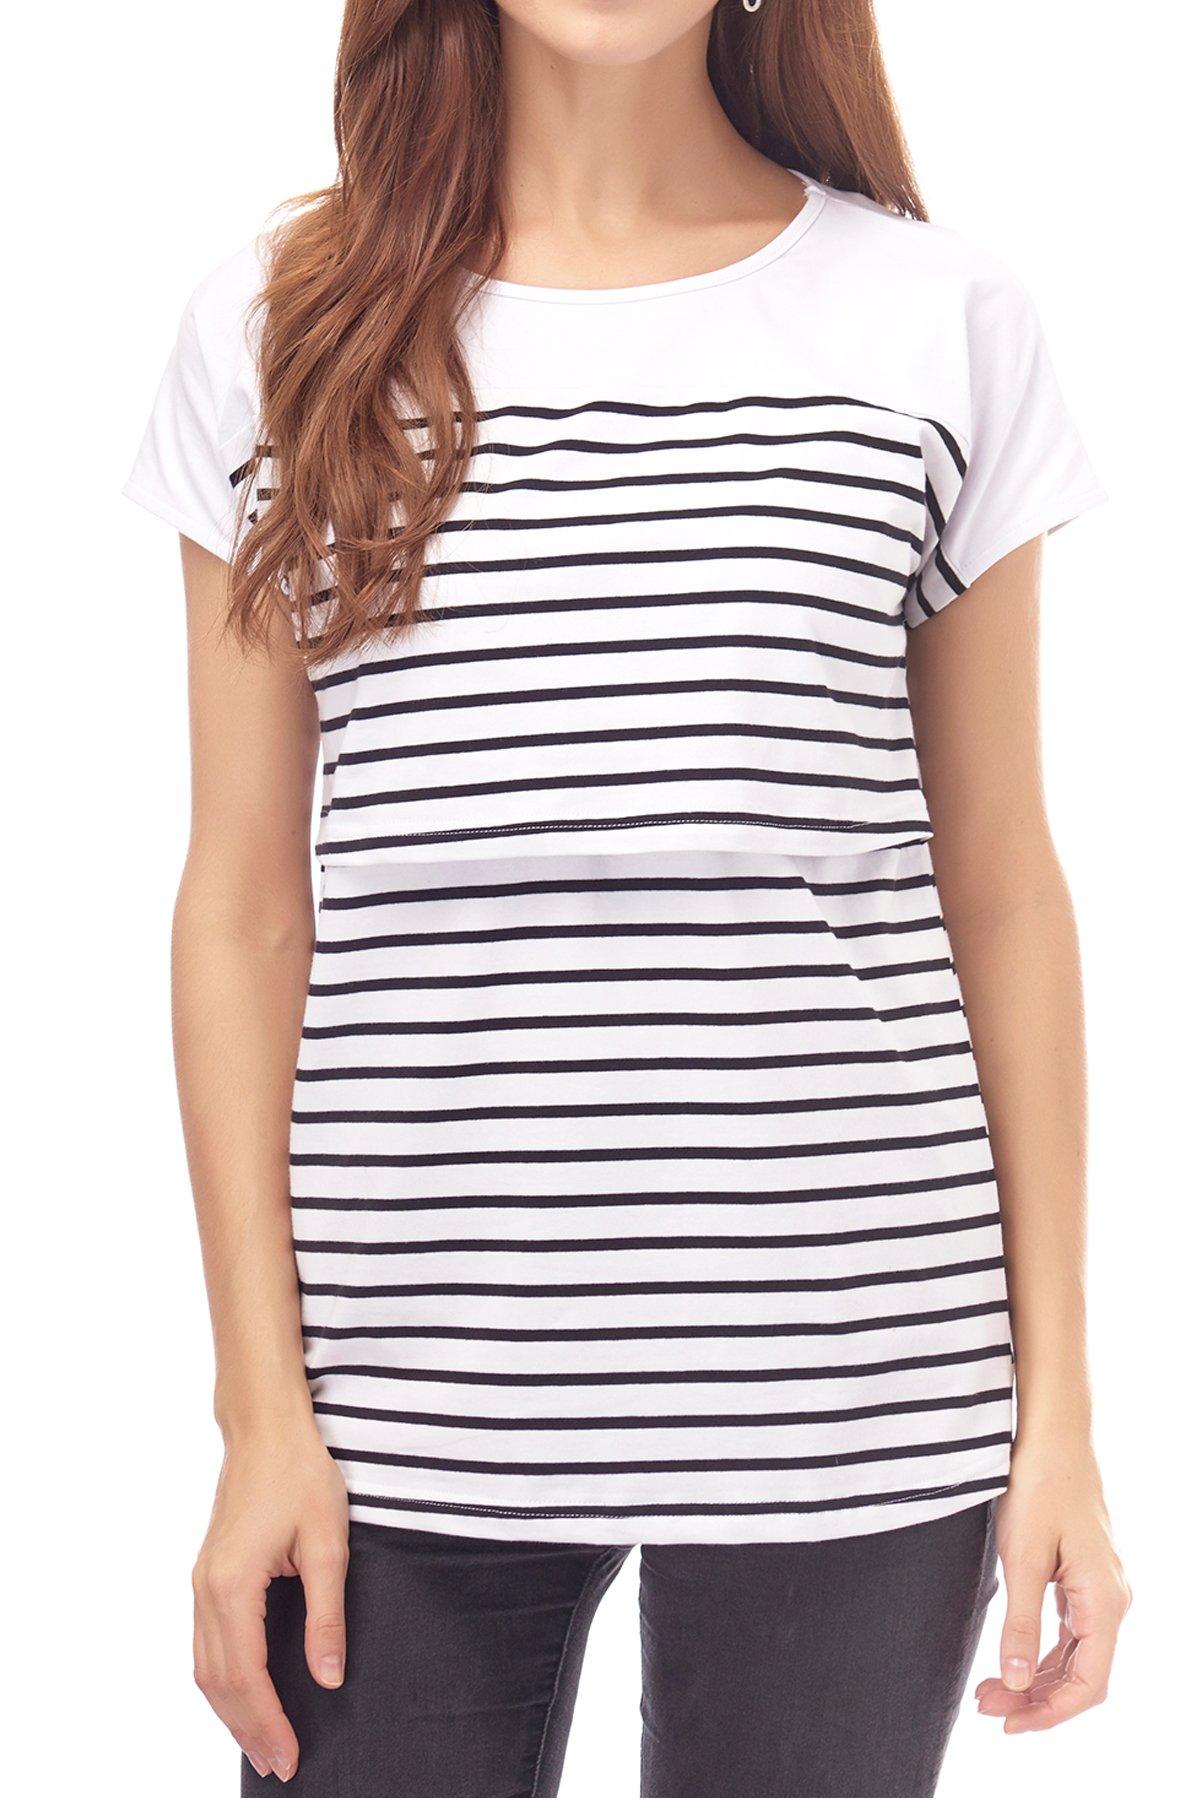 Smallshow Women's Maternity Nursing Tops Breastfeeding T-Shirt Large White